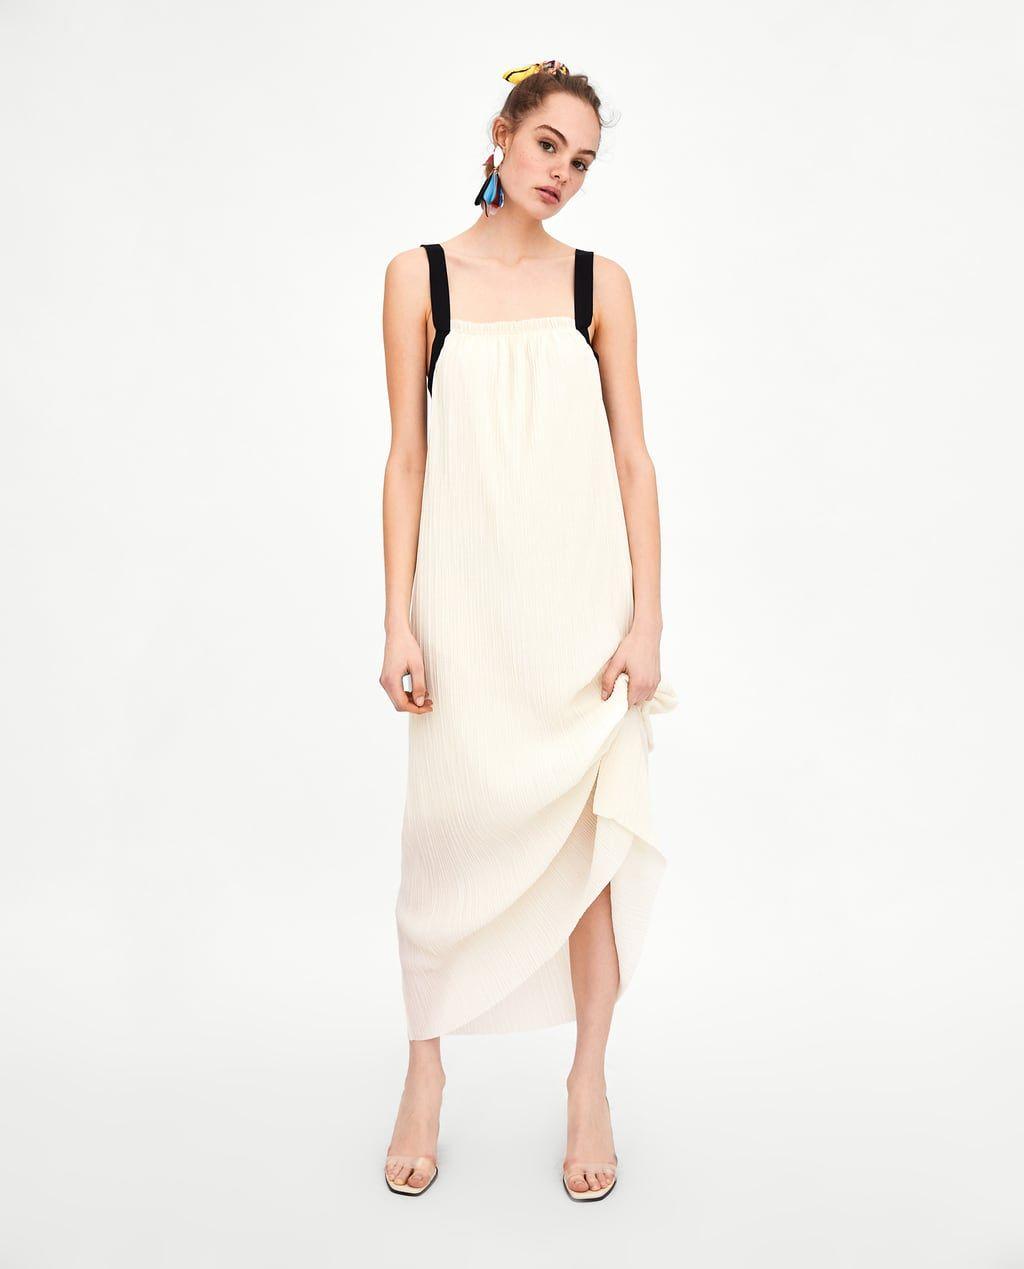 Zara Largo PlisadoFashion Vestido Ssfw15 Dresses 45RjL3Aq